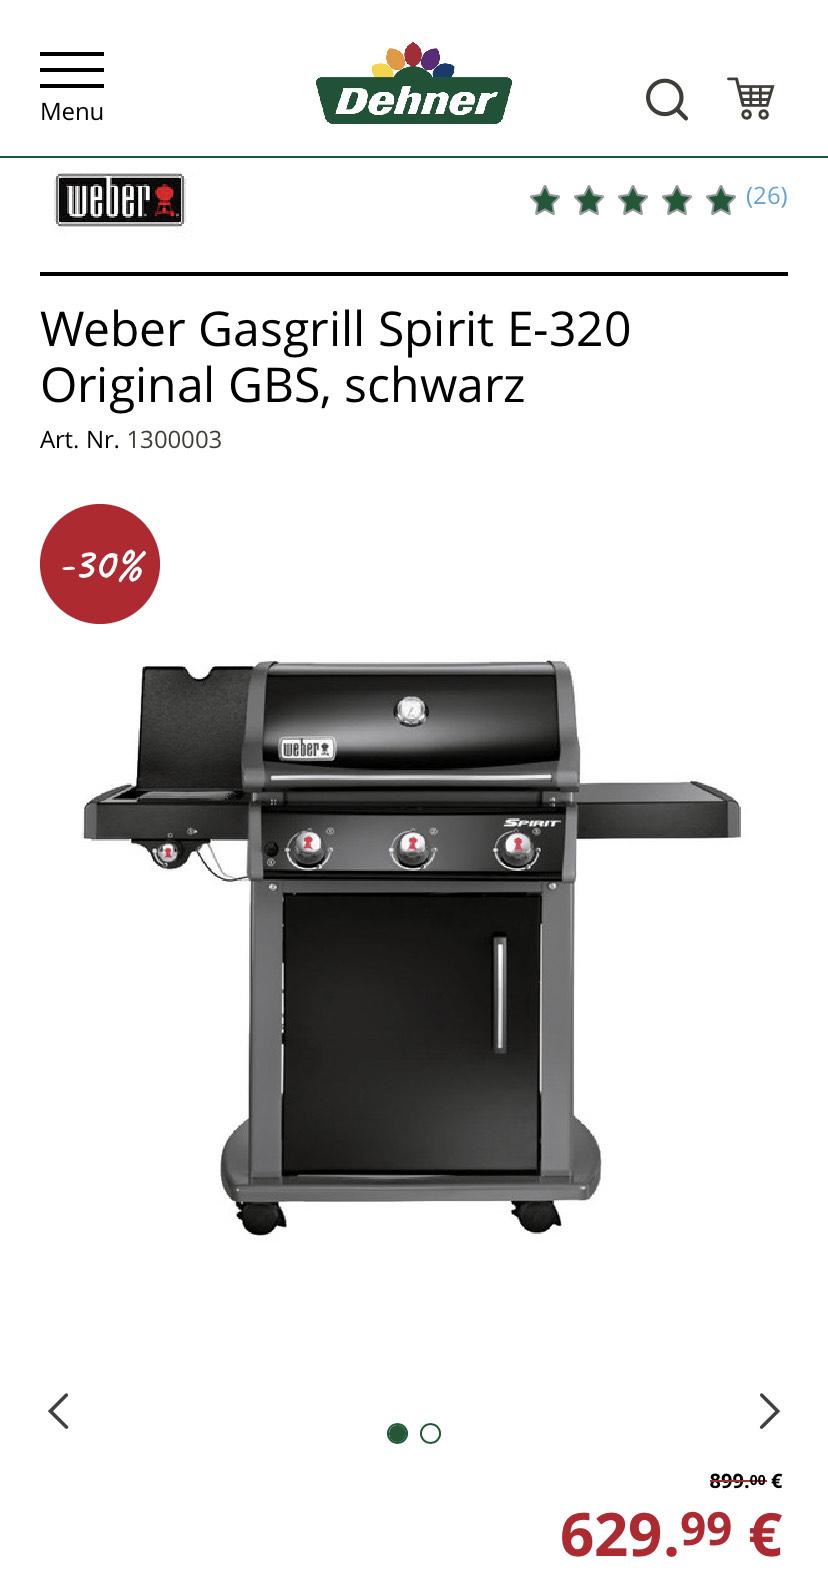 [Lokal] Dehner Gartencenter - Weber Gasgrill Spirit E-320 Original GBS schwarz